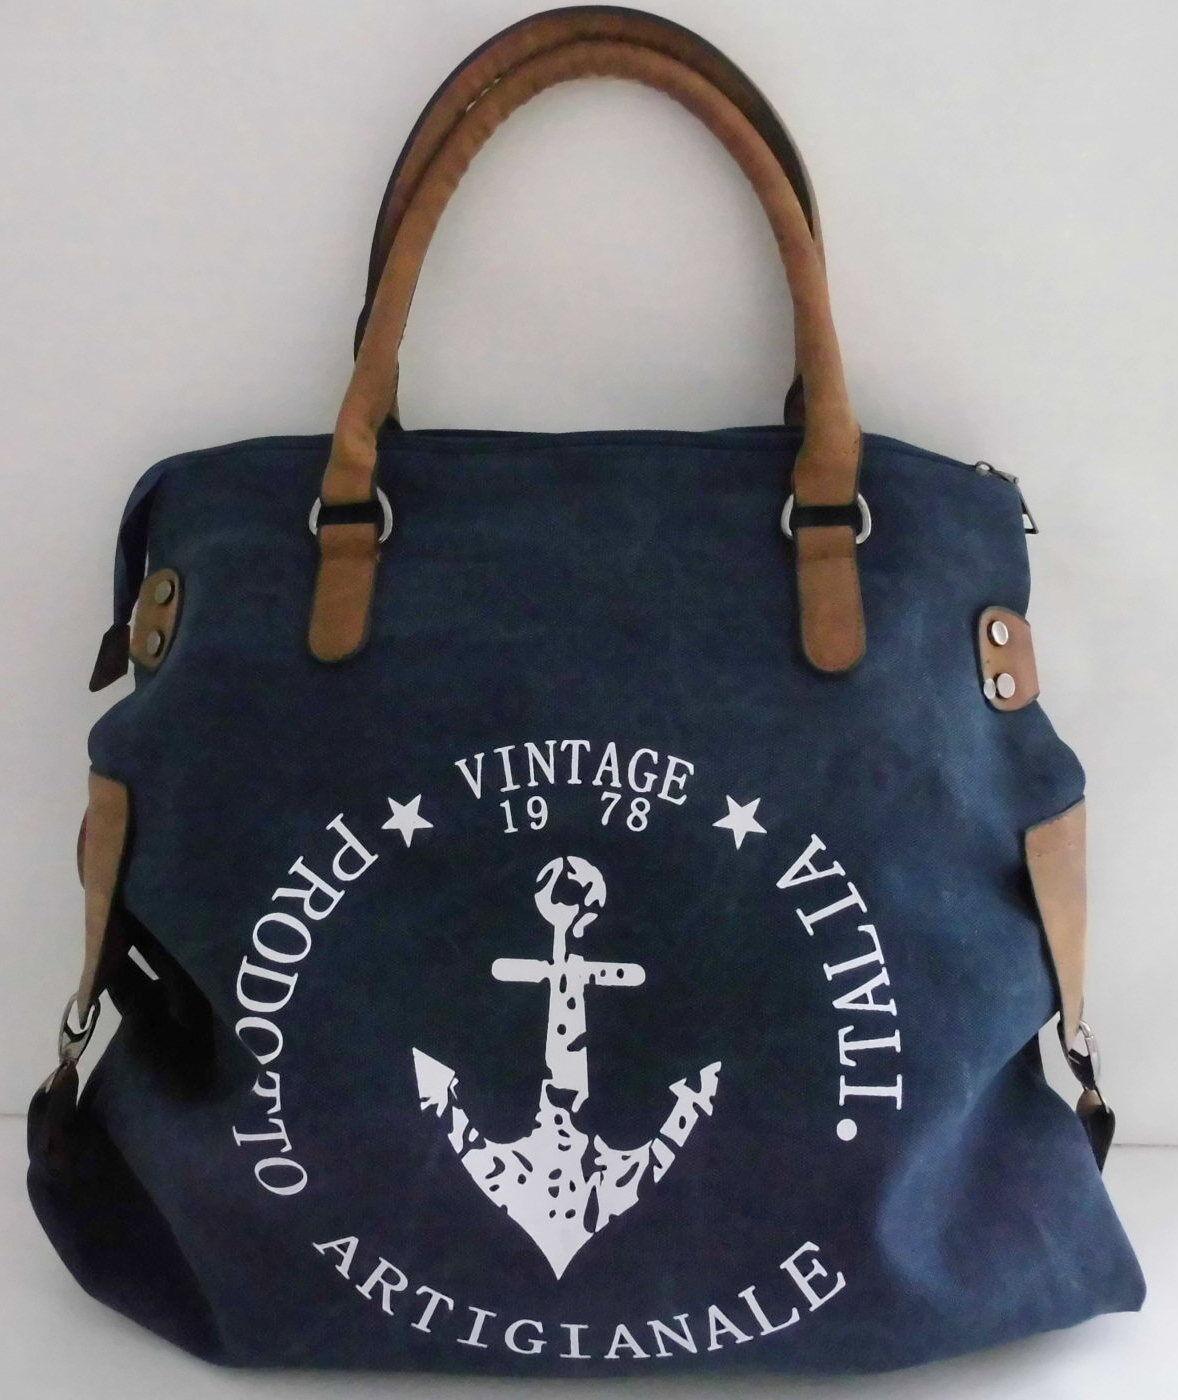 ada5f7b16b53e Handtaschen Anker Test Vergleich +++ Handtaschen Anker kaufen   sparen!